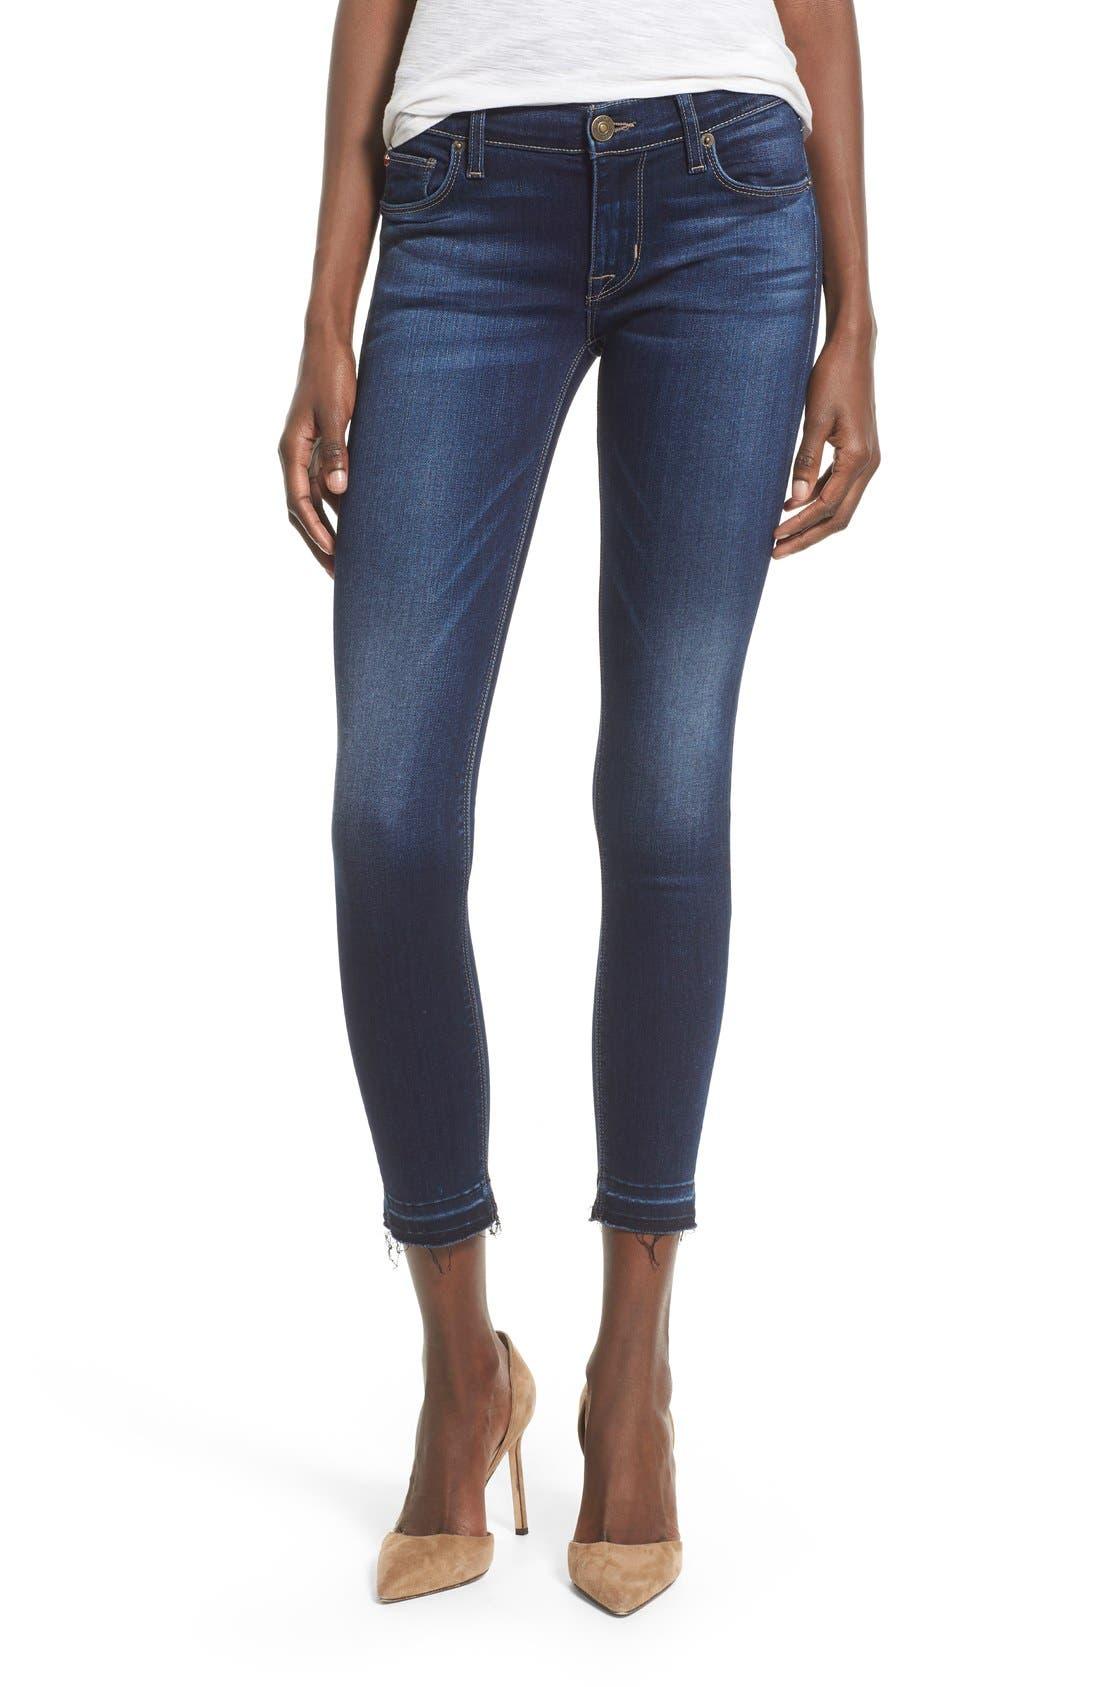 Alternate Image 1 Selected - Hudson Jeans 'Krista' Release Hem Jeans (Crest Falls)